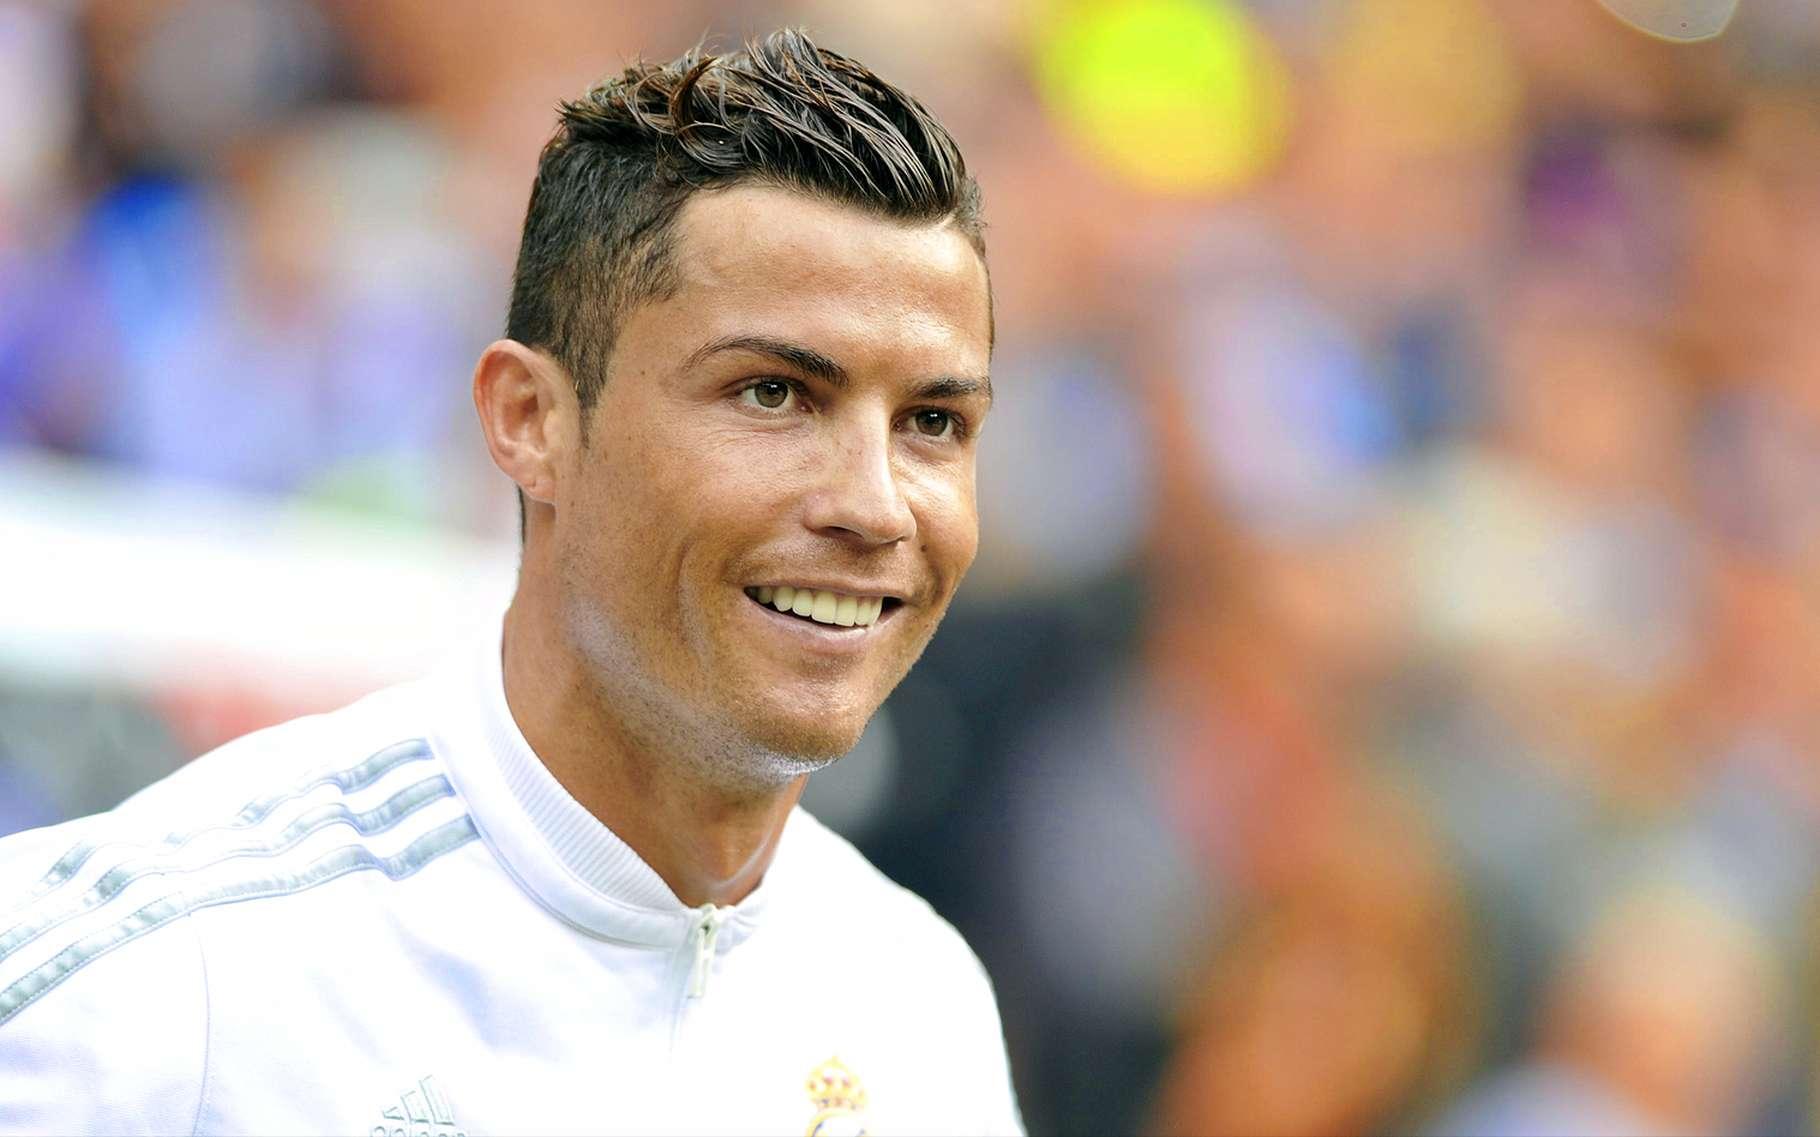 Quelle que soit leur notoriété, presque tous les footballeurs crachent pendant les matchs, à l'instar de Cristiano Ronaldo. © Marcos Mesa Sam Wordley, Shutterstock